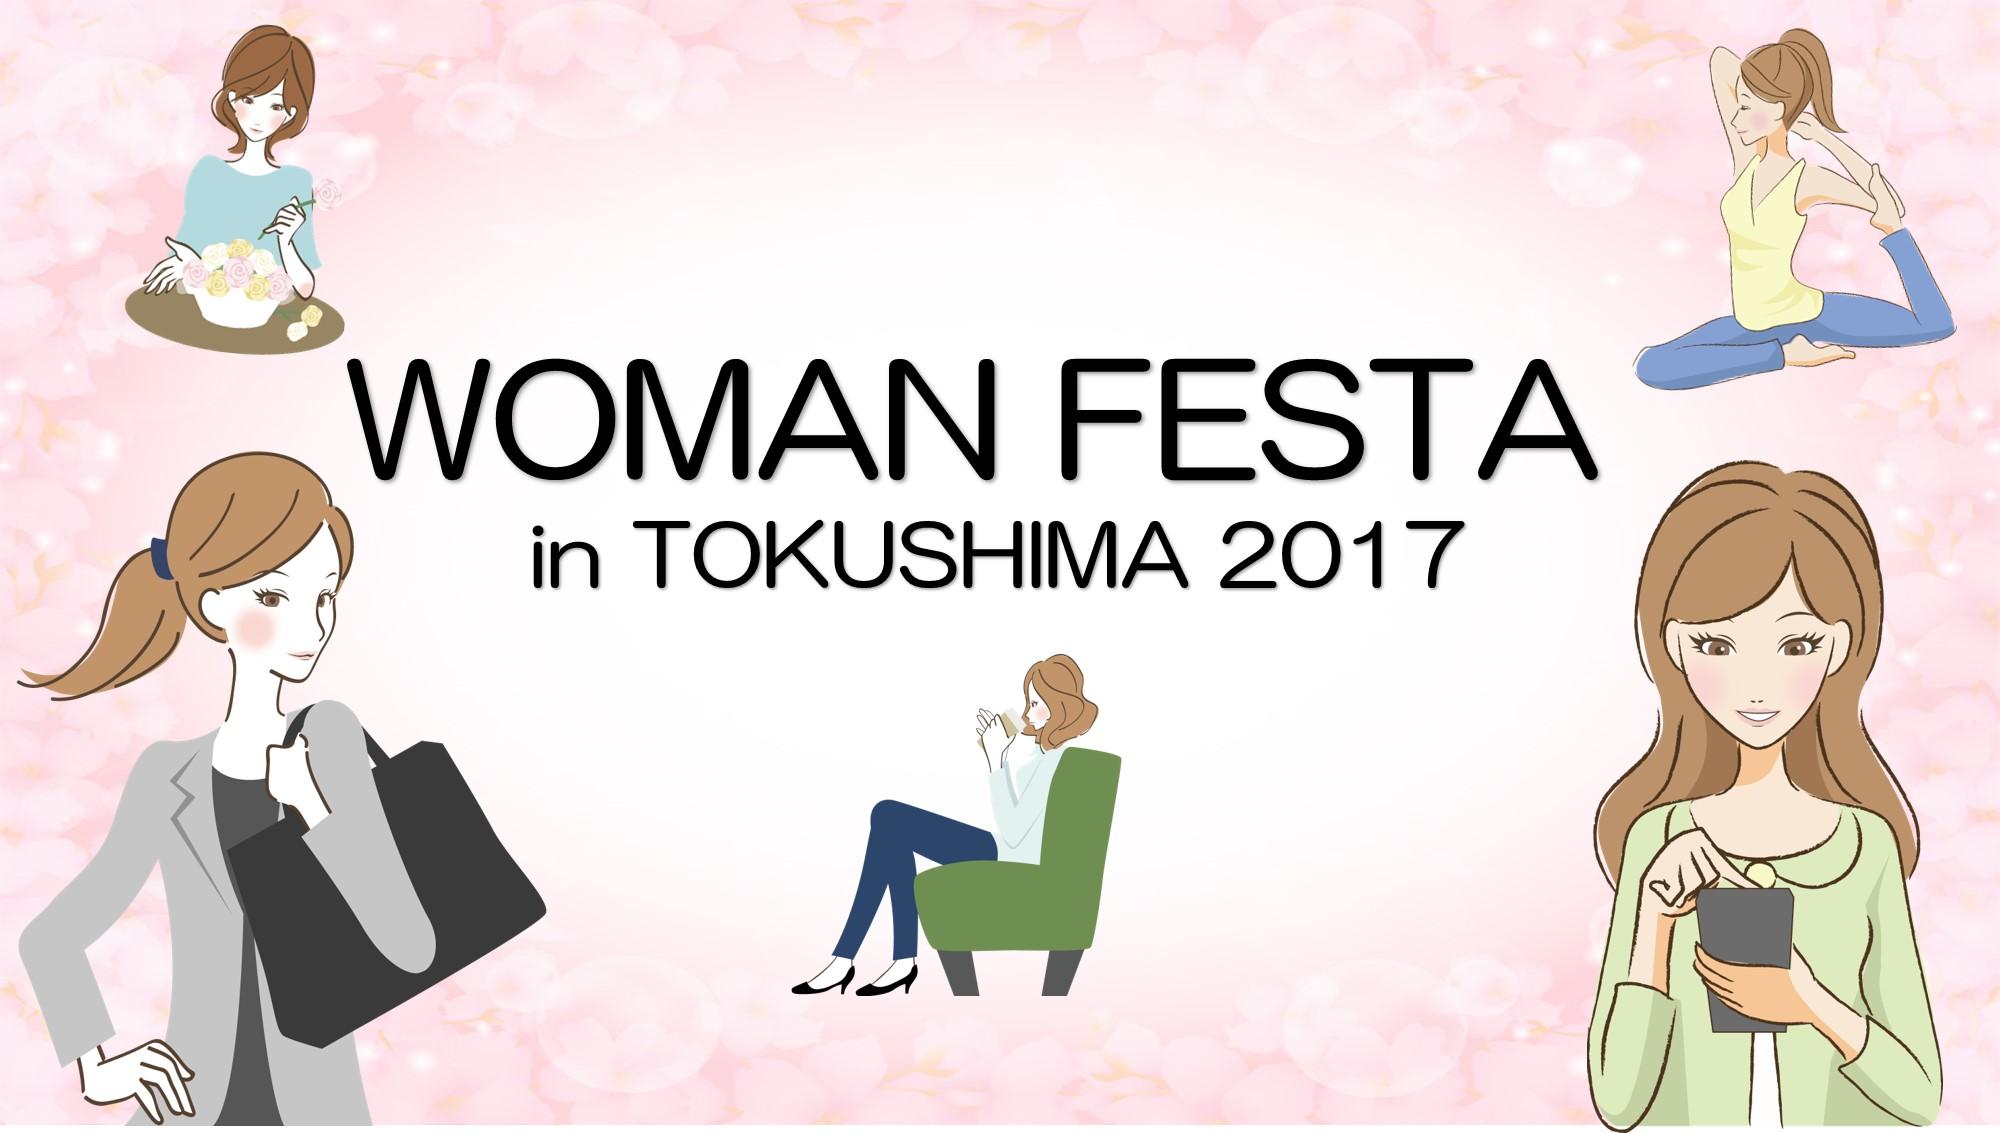 あの有名モデルがやって来る!徳島女子注目のイベント『WOMAN FESTA』